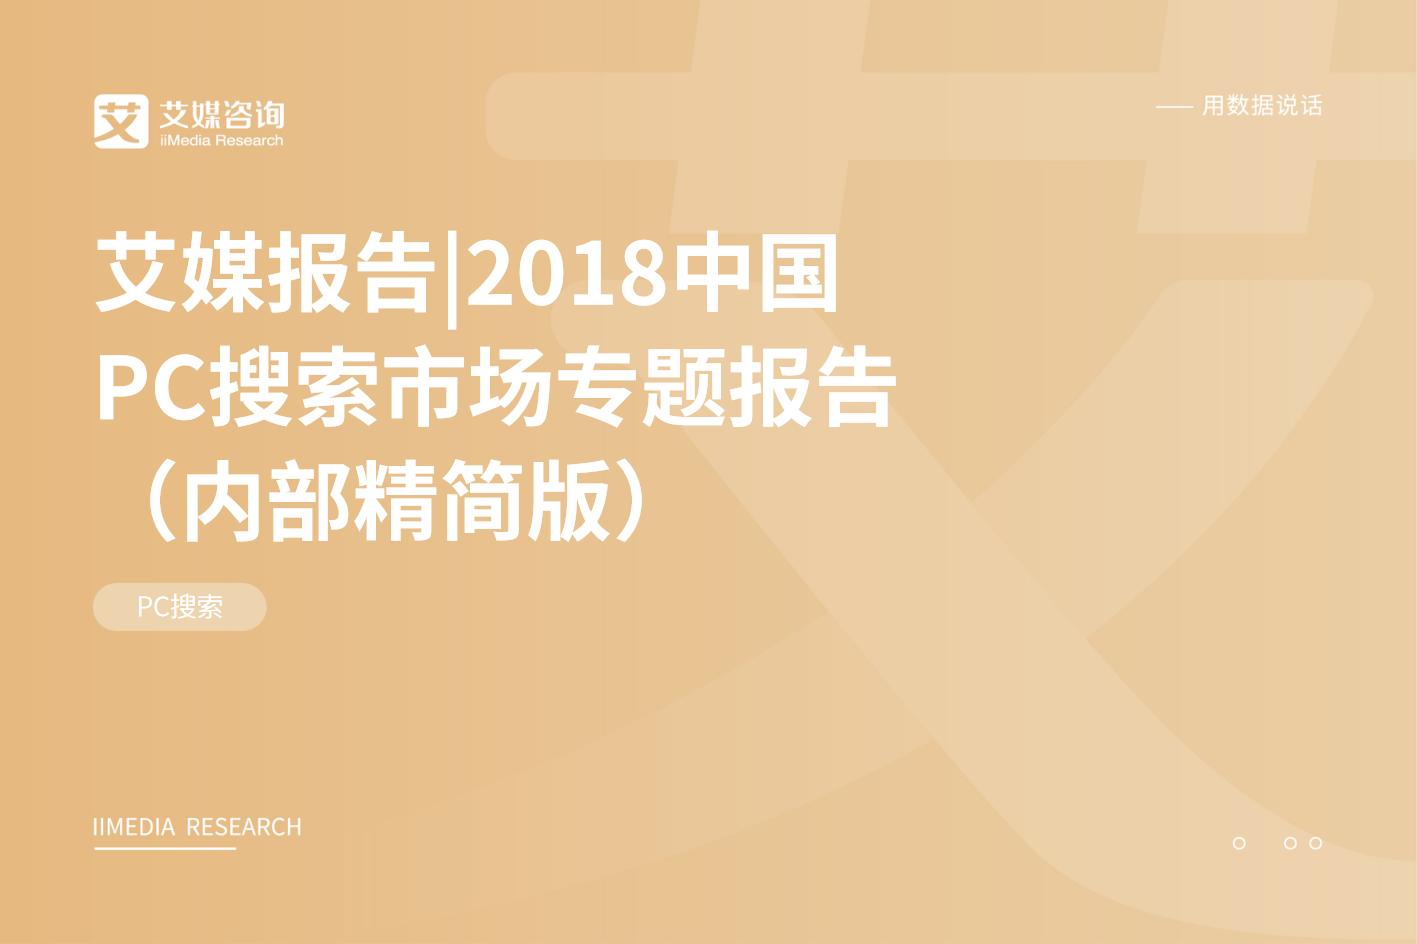 艾媒报告|2018中国PC搜索市场专题报告(内部精简版)